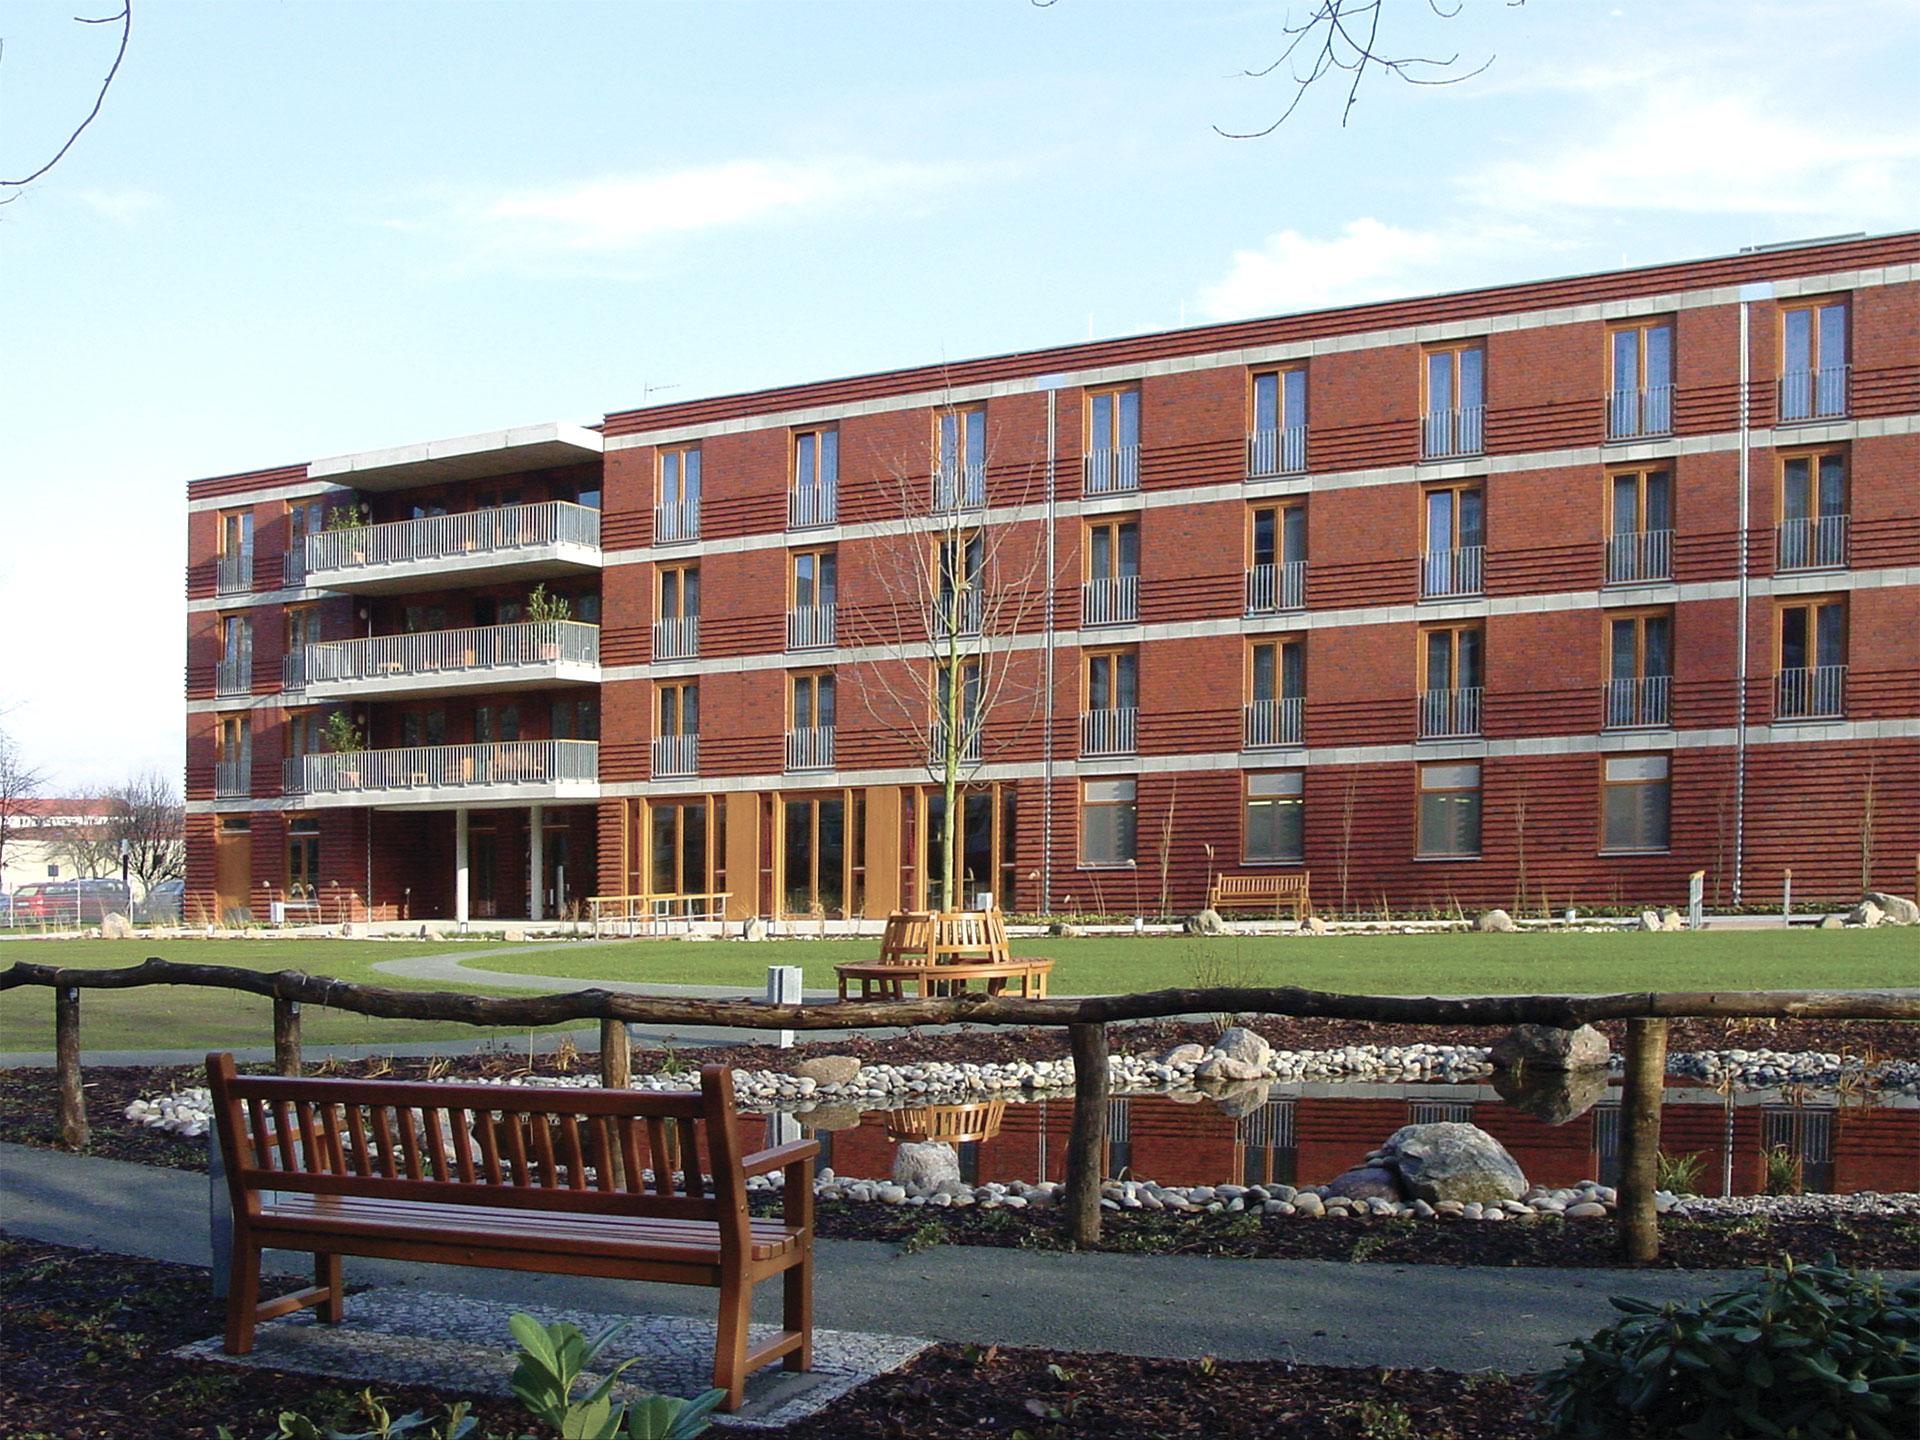 Ksv retirement care home reform for Design hotel magdeburg